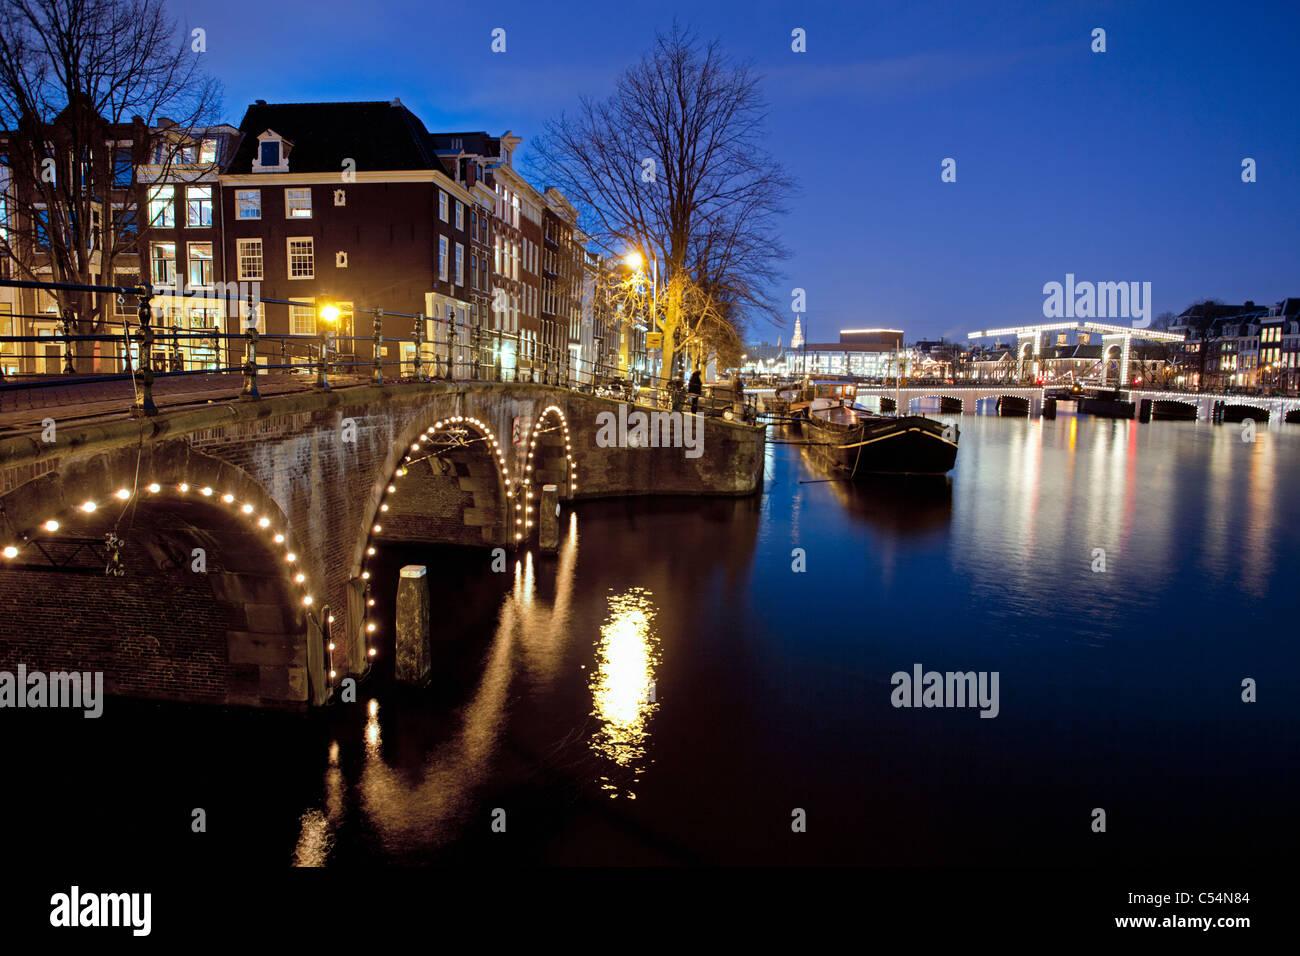 Niederlande, Amsterdam, Häuser 17. Jahrhundert am Fluss Amstel genannt. Hintergrund Skinny Bridge. Einbruch Stockbild